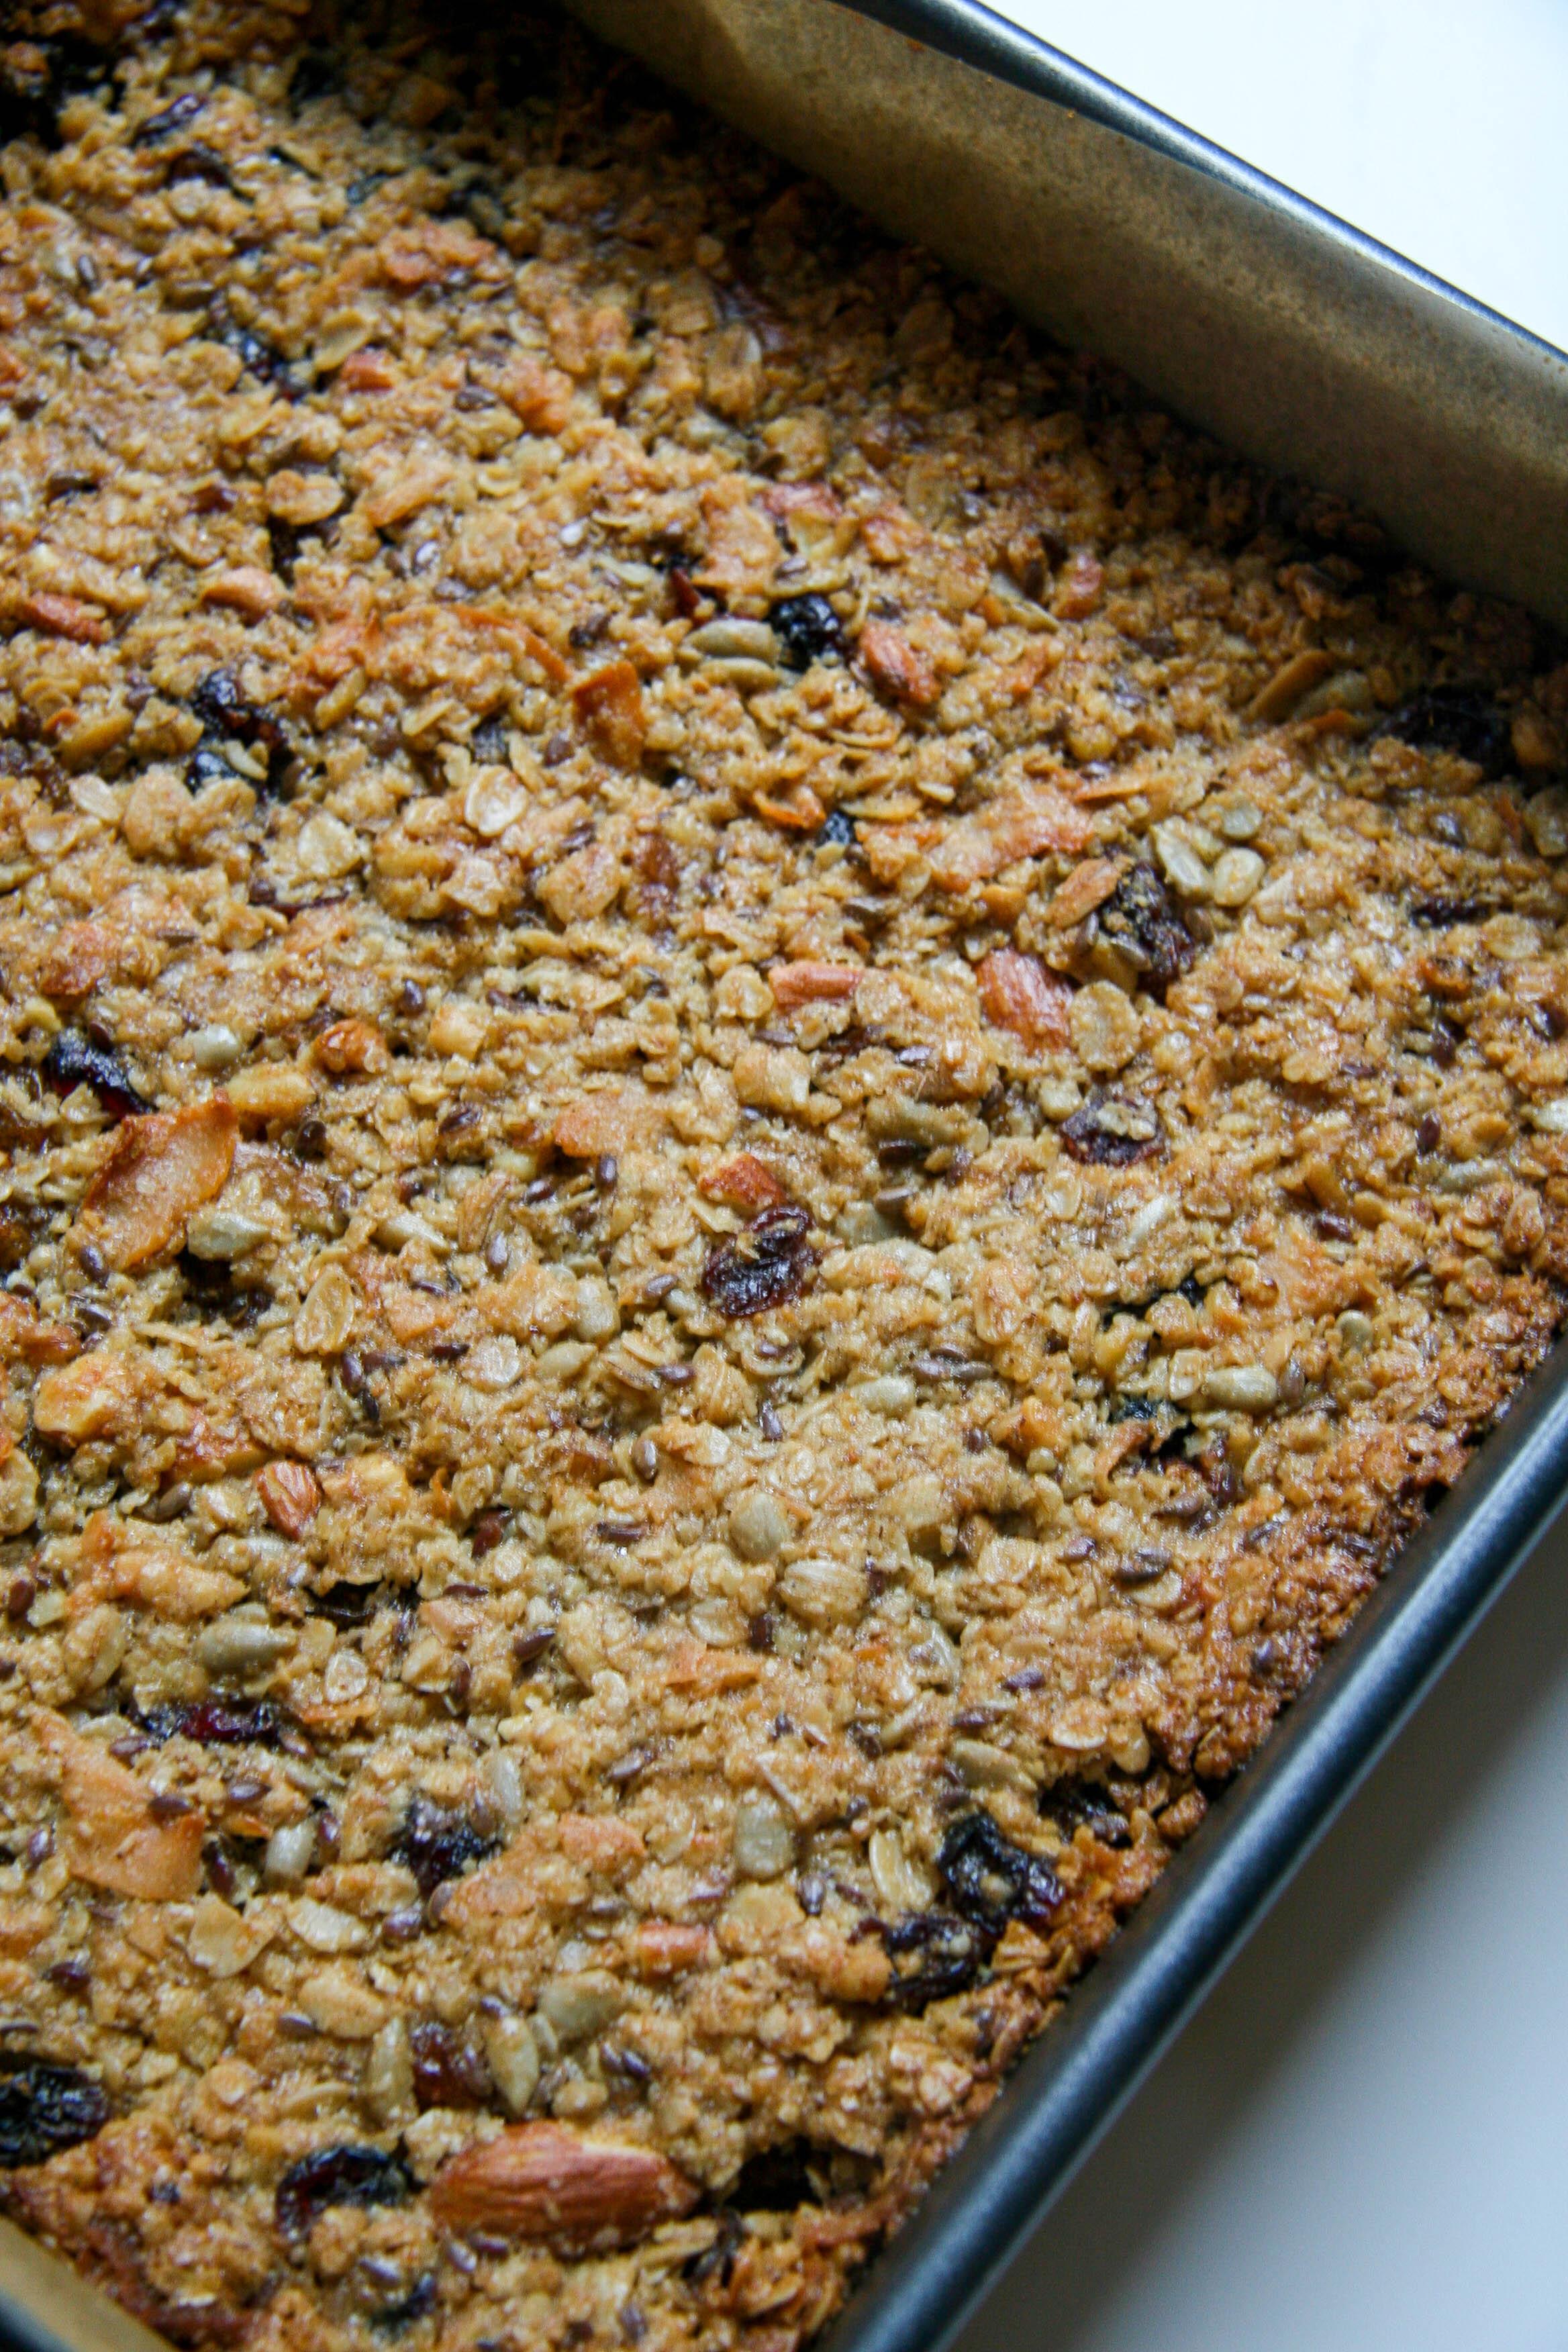 chewy-homemade-granola-nature-bars-recipe-7